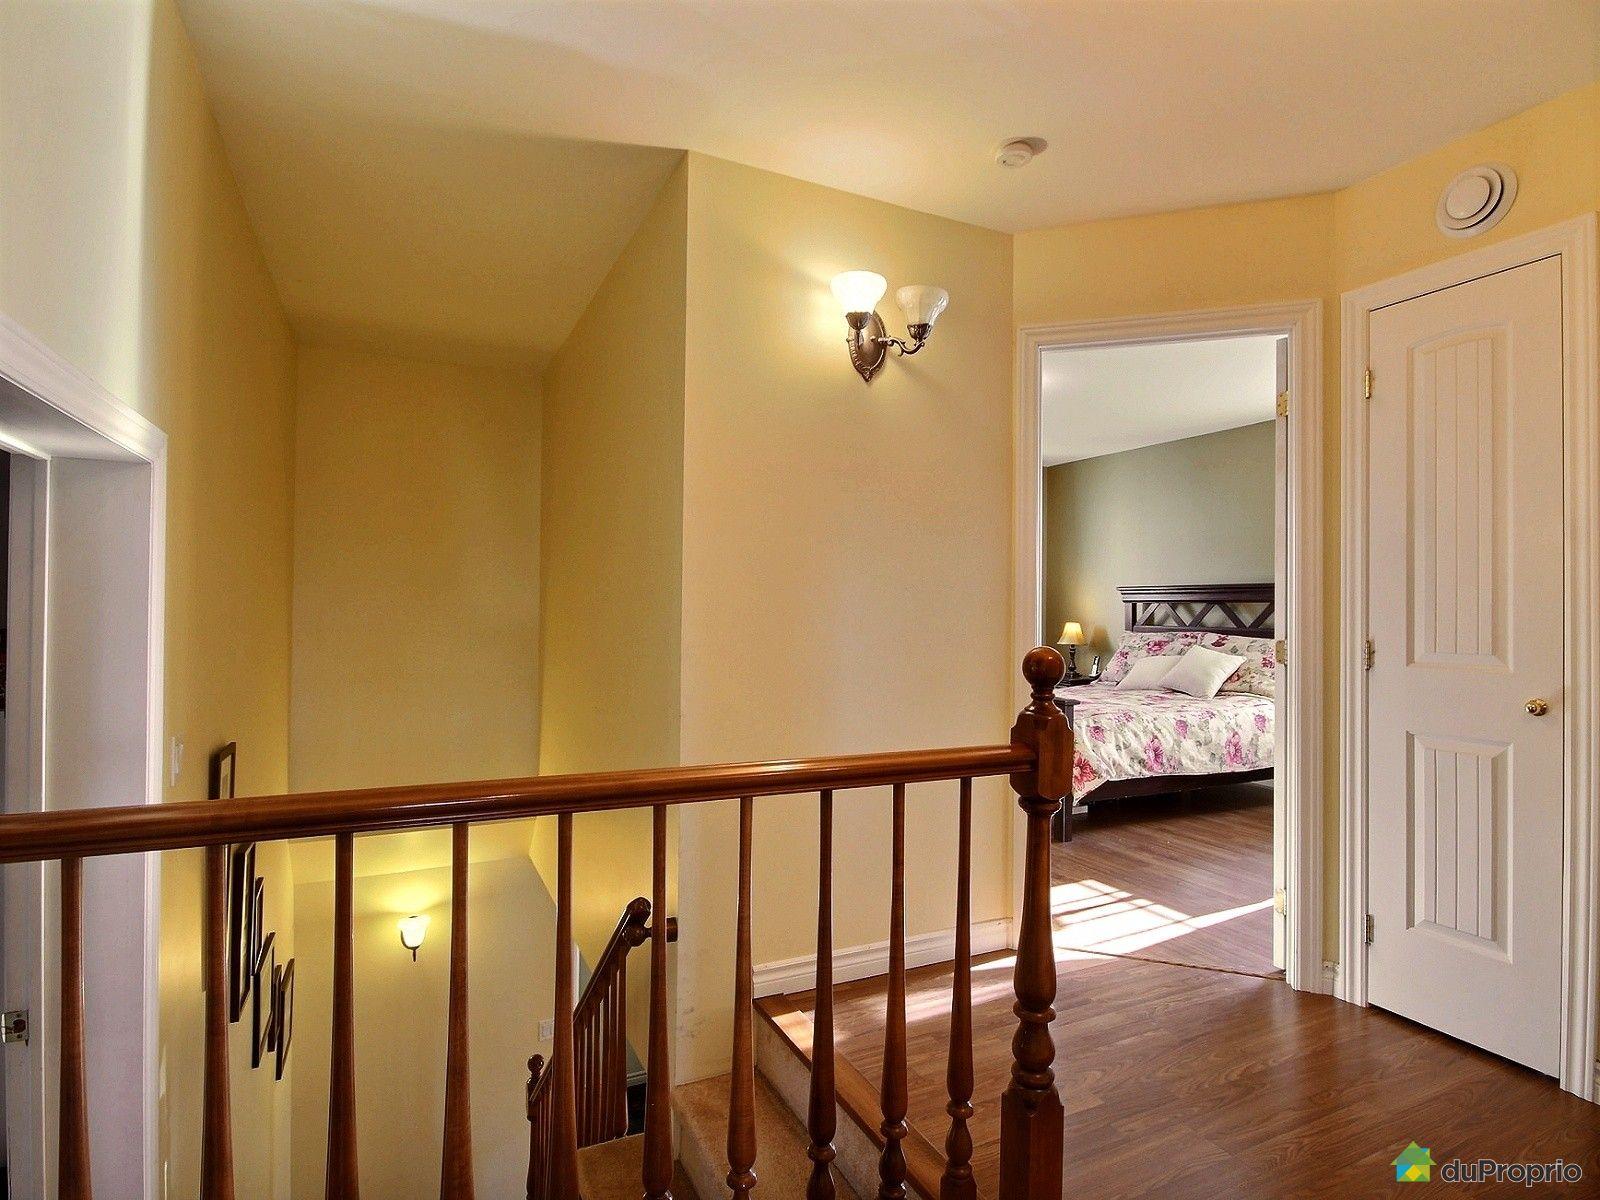 Maison vendre trois rivi res 1180 rue des grives for Porte et fenetre trois rivieres